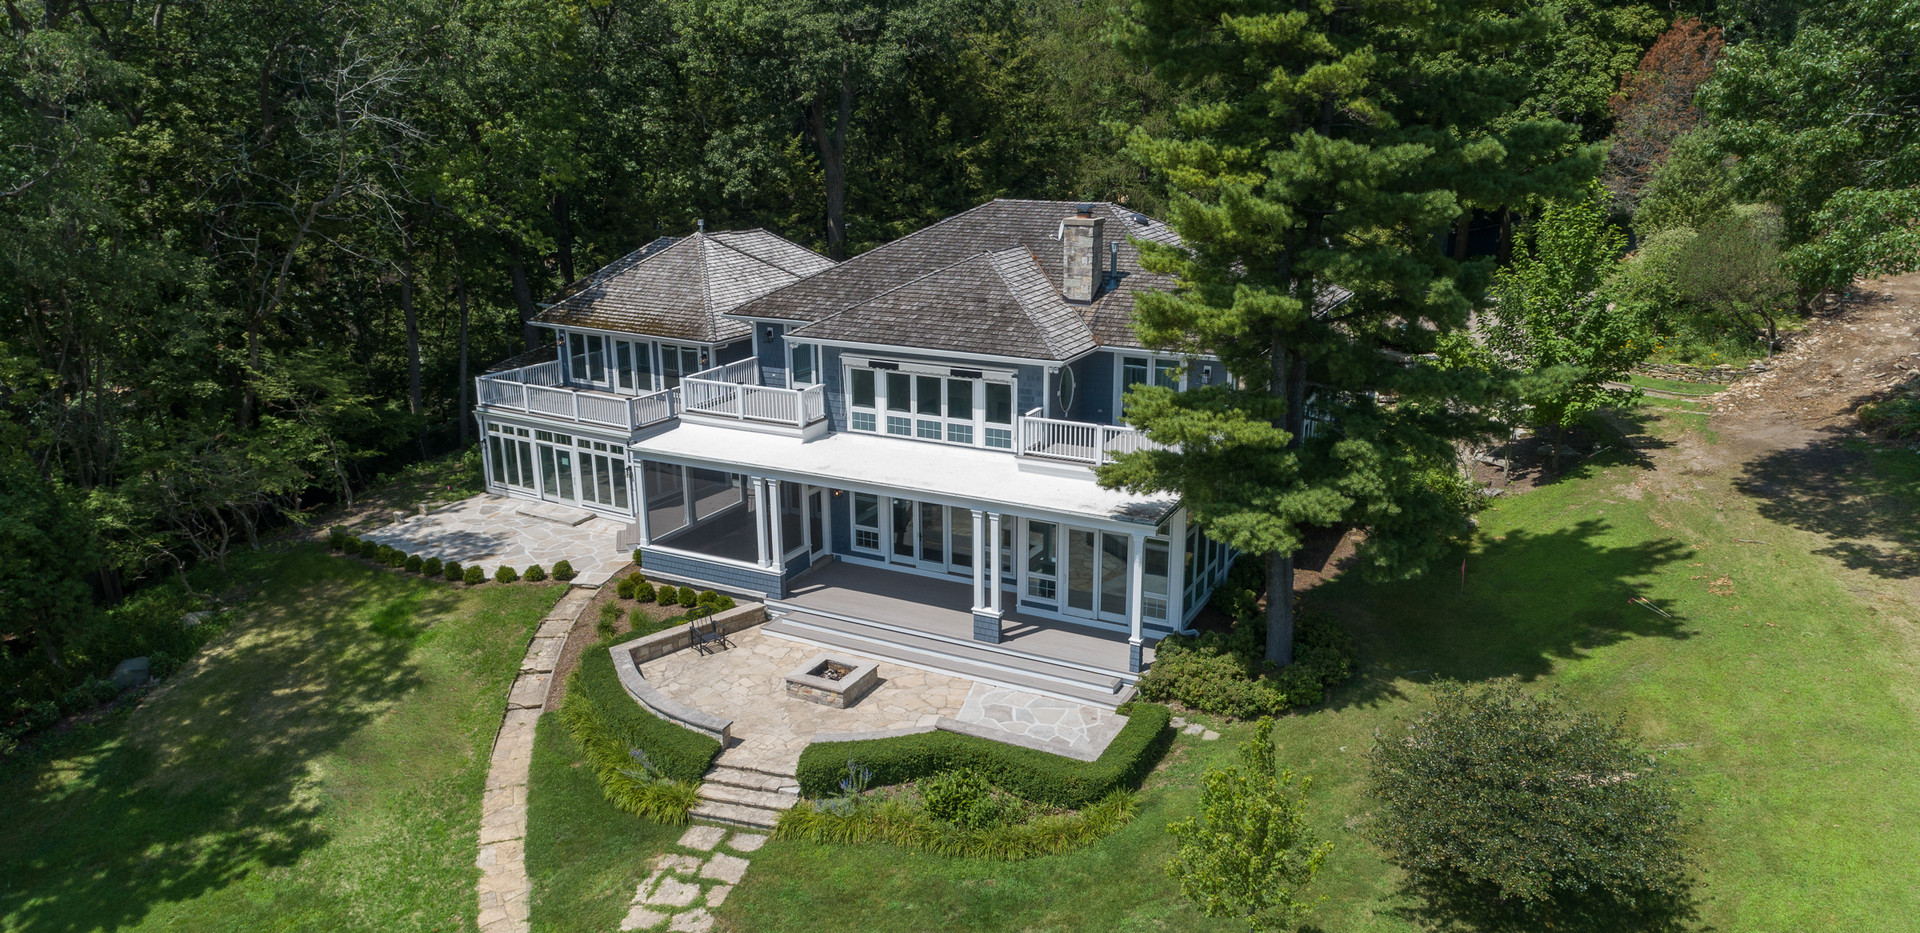 $4.1 Million Dollar Home For Sale on Geneva Lake